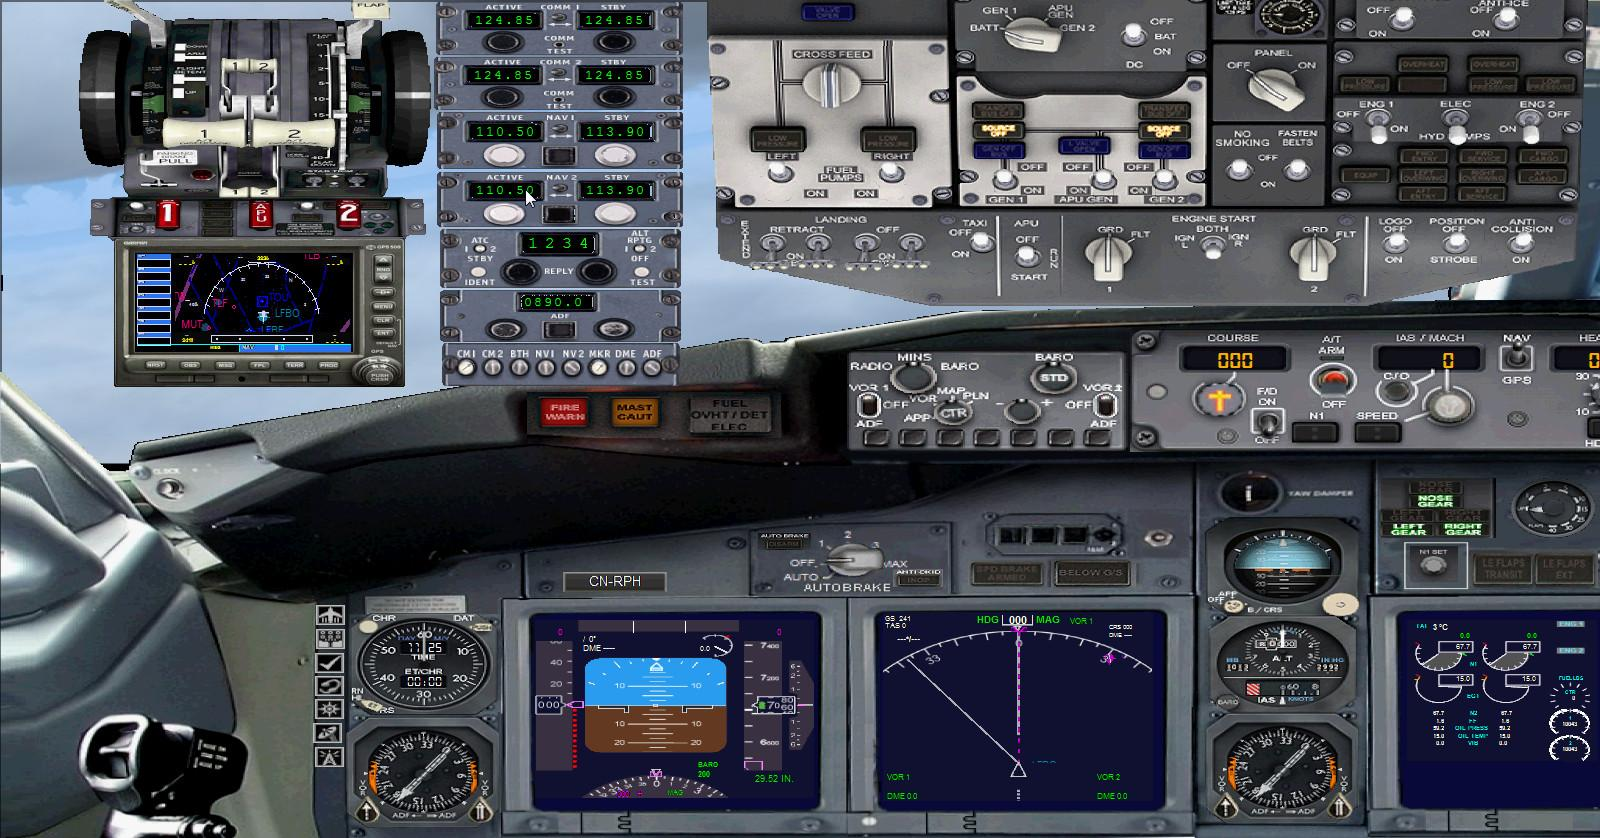 બોઇંગ 737-400 પેનલ